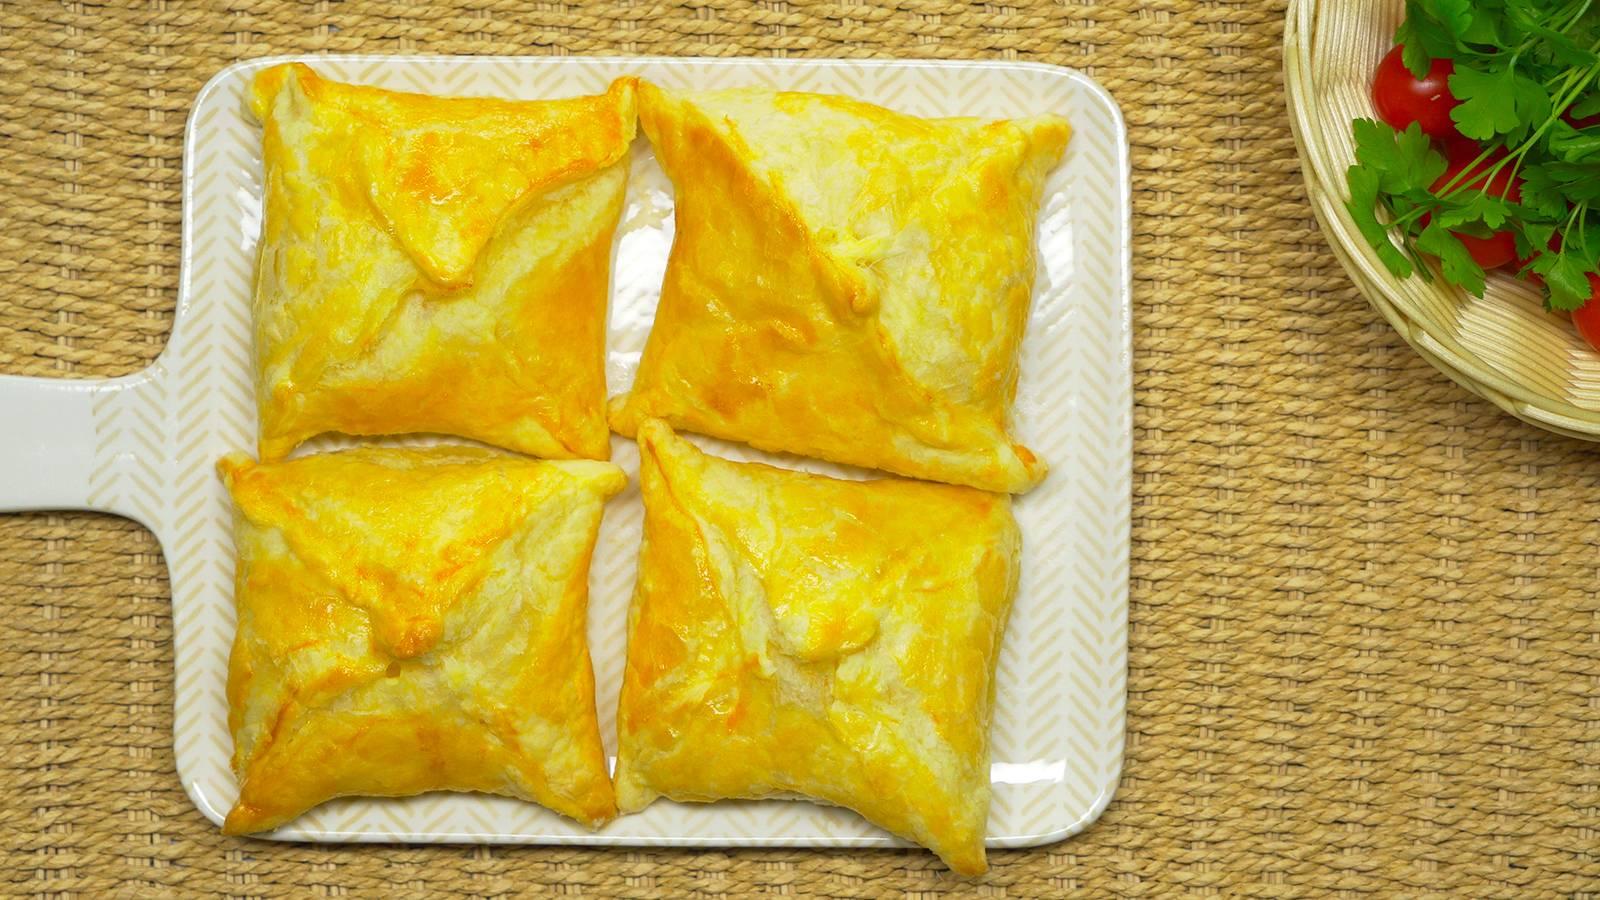 Изумительные слойки со сливочным сыром - хрустящие снаружи, нежные внутри